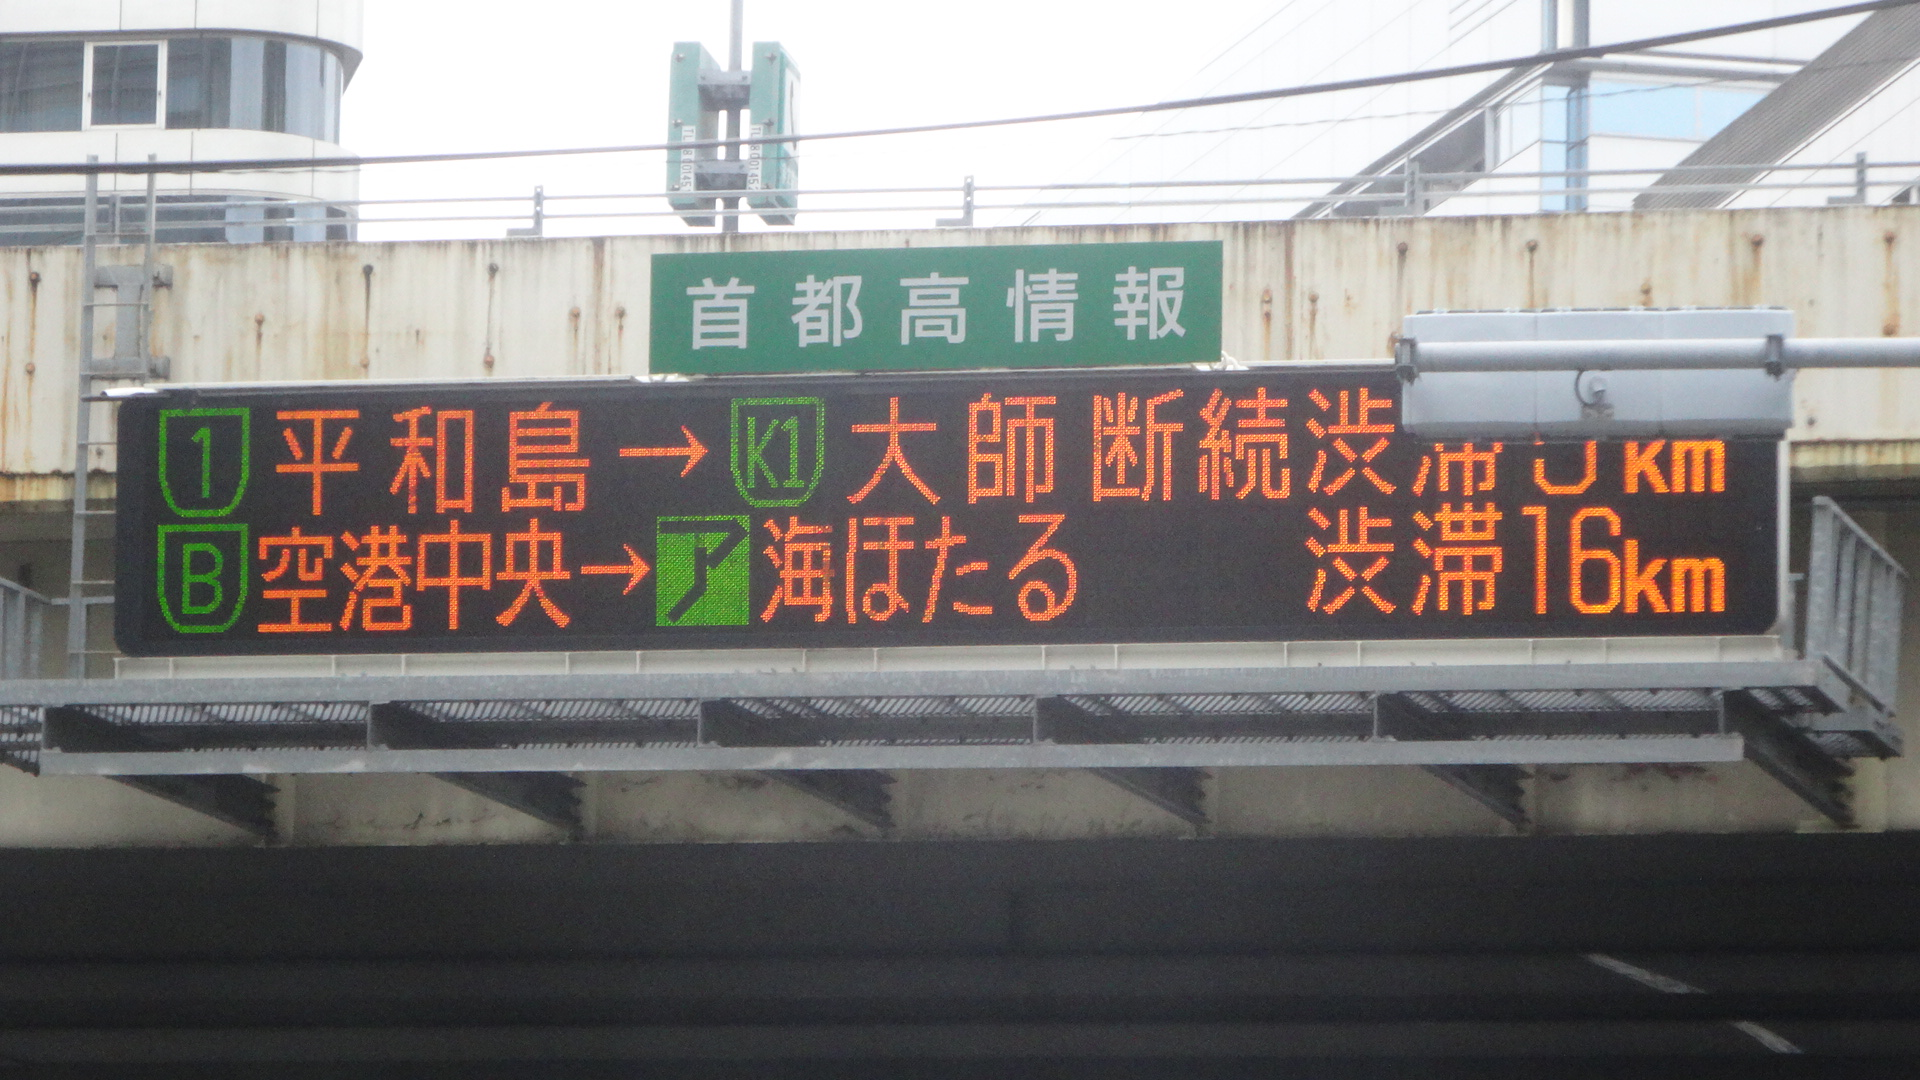 渋滞を知らせる首都高の交通情報